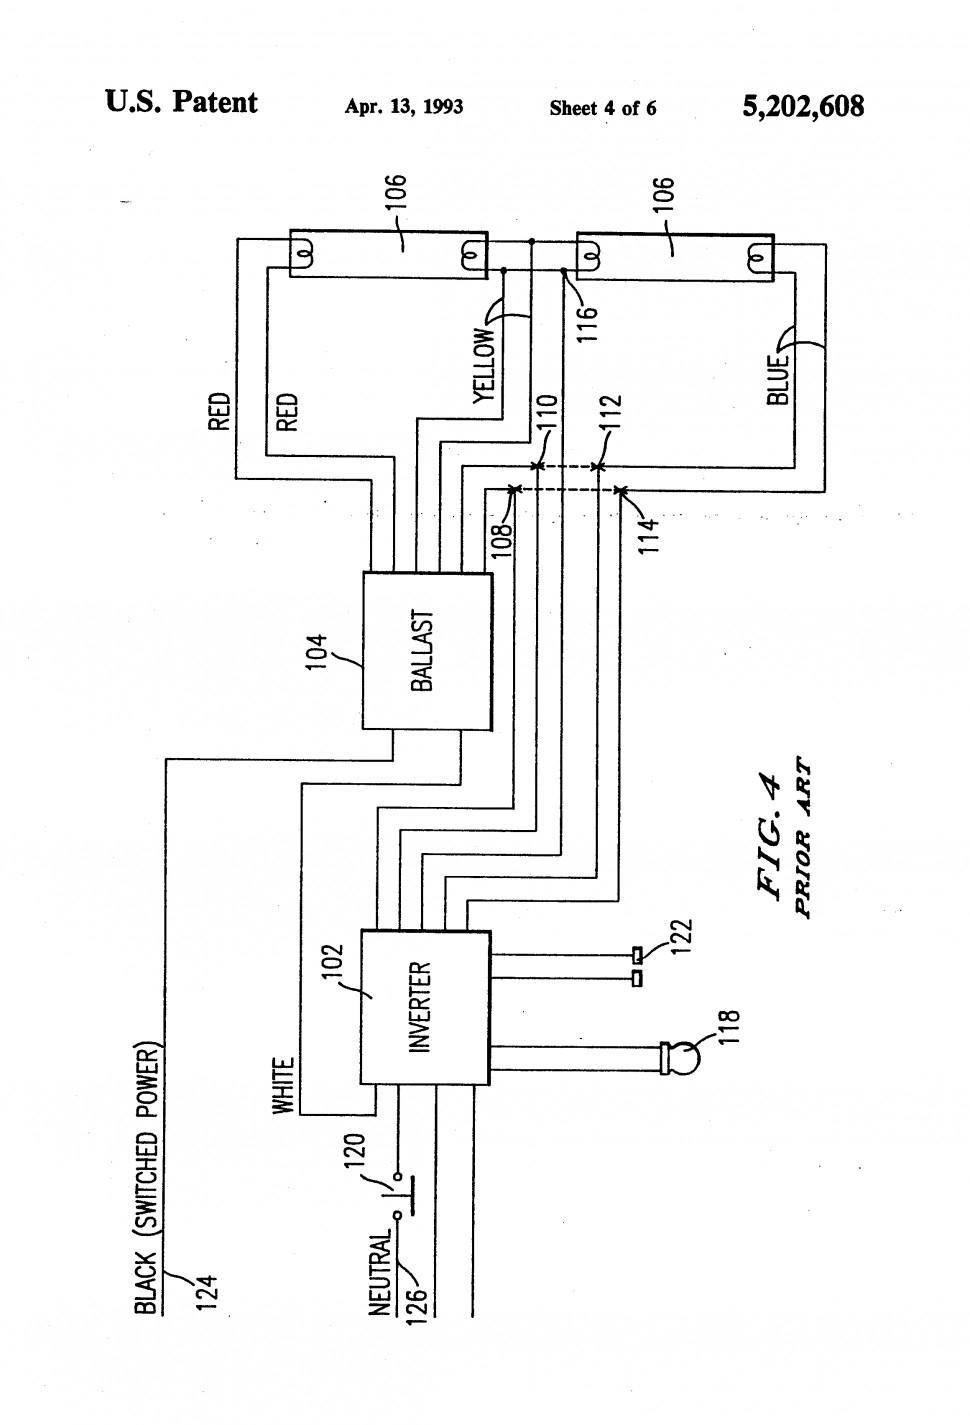 asco 917 wiring diagram Download-Asco Redhat 2 Wiring Diagram 16-a